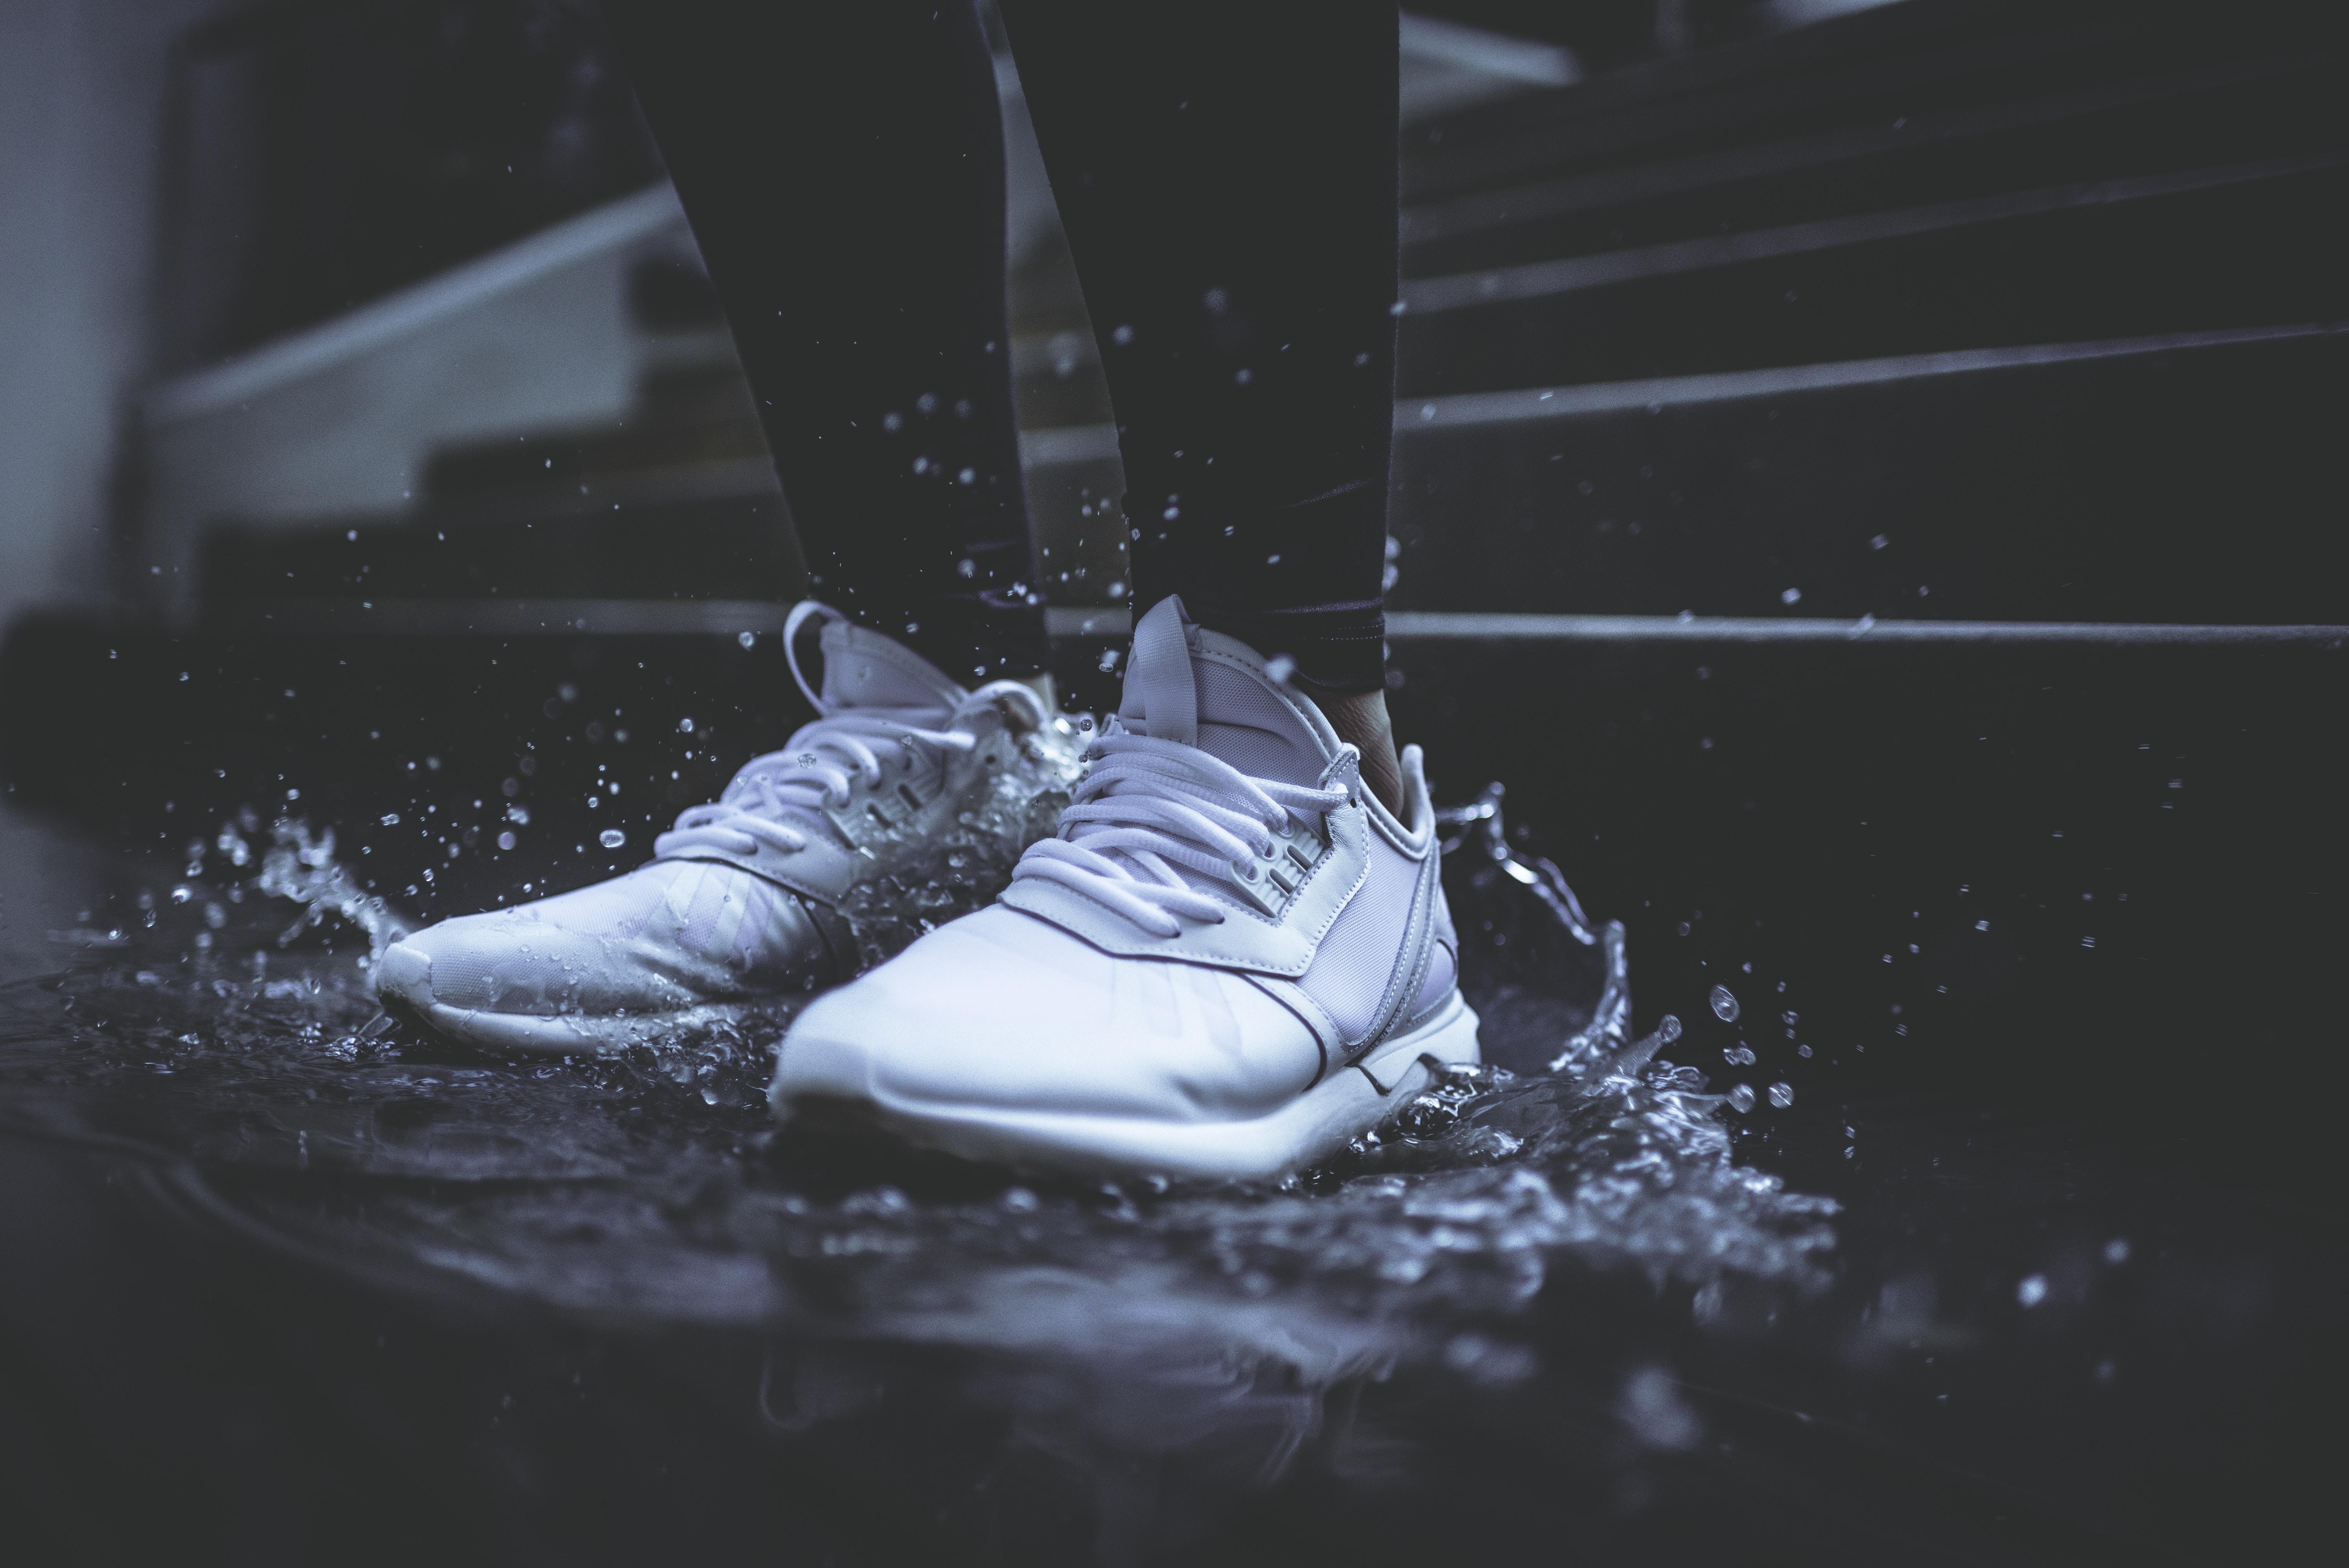 Comment Customiser Une Boite A Chaussure baskets: 2 endroits où faire nettoyer (et même customiser